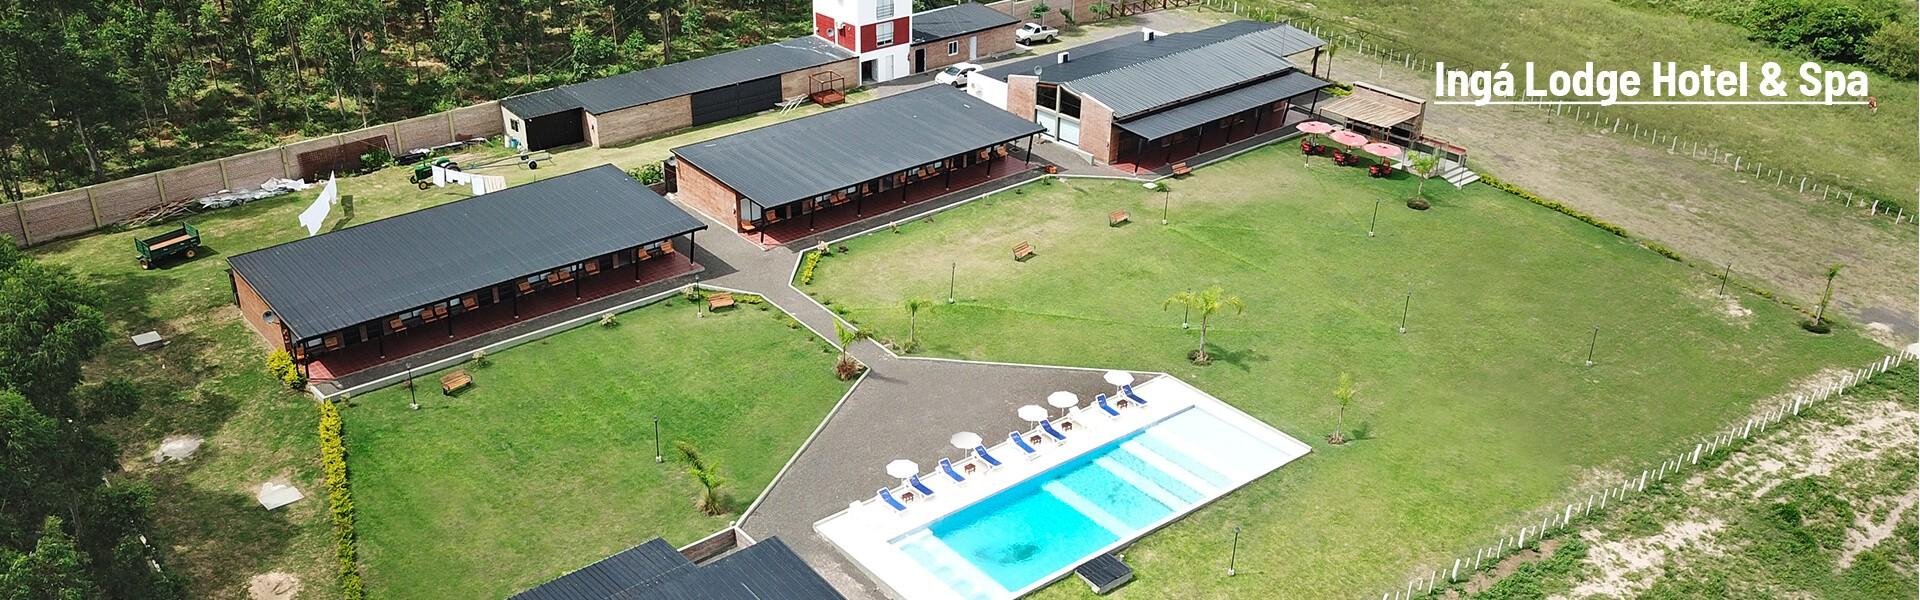 Ingá Lodge Hotel & Spa começa parceria com a Fish TV